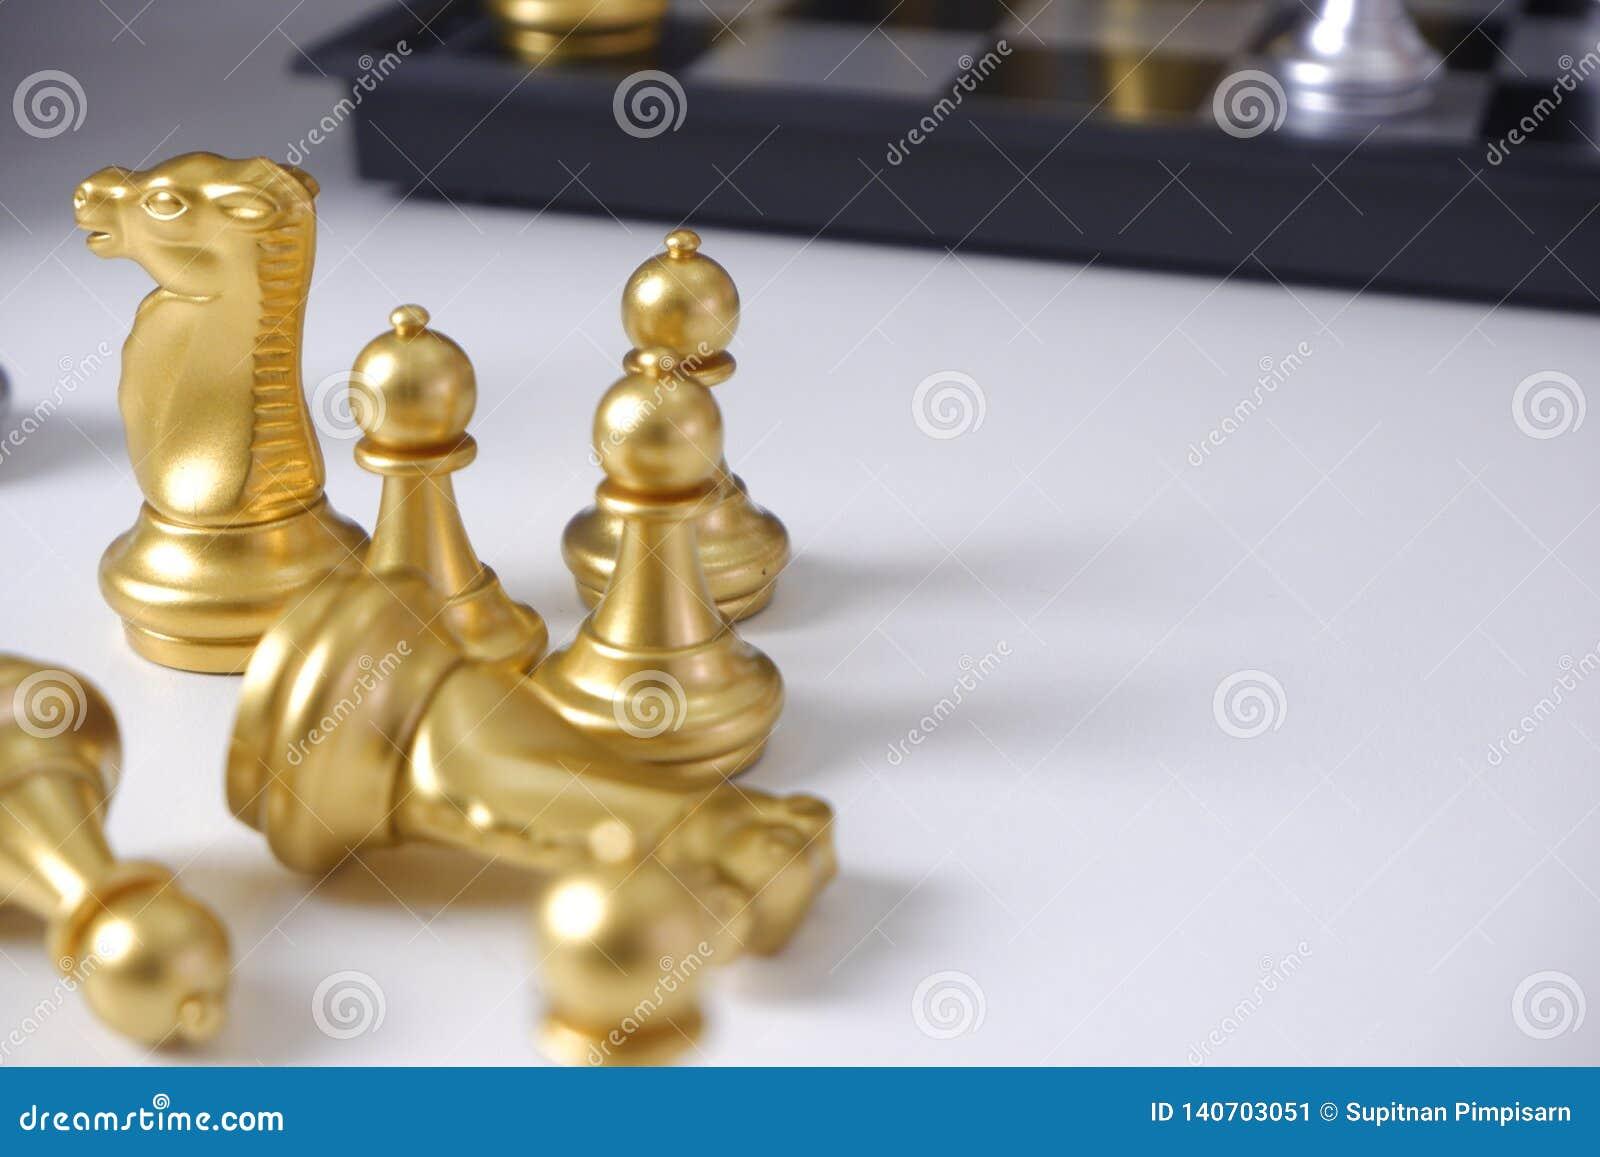 Scacchiera, giocante il gioco di scacchi sulla tavola bianca; per strategia aziendale, direzione e concetto della gestione